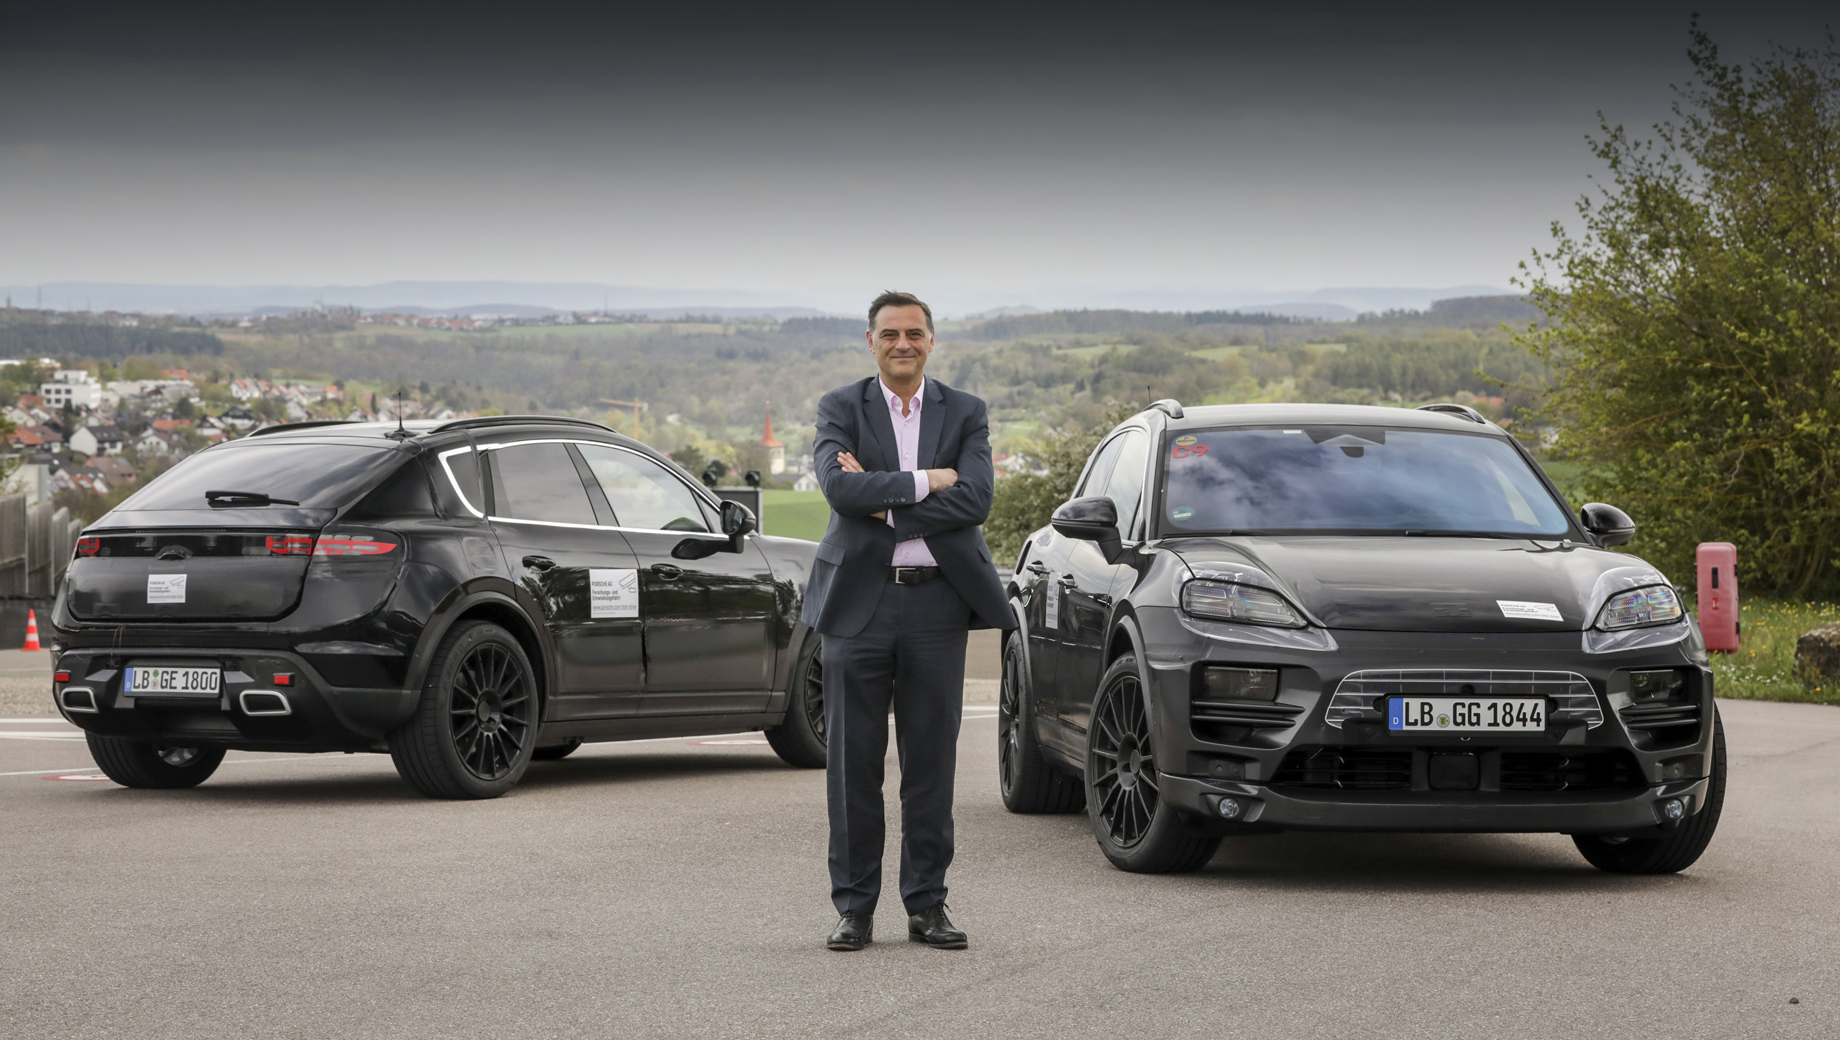 Кроссовер Porsche Macan EV выйдет на рынок в 2023 году